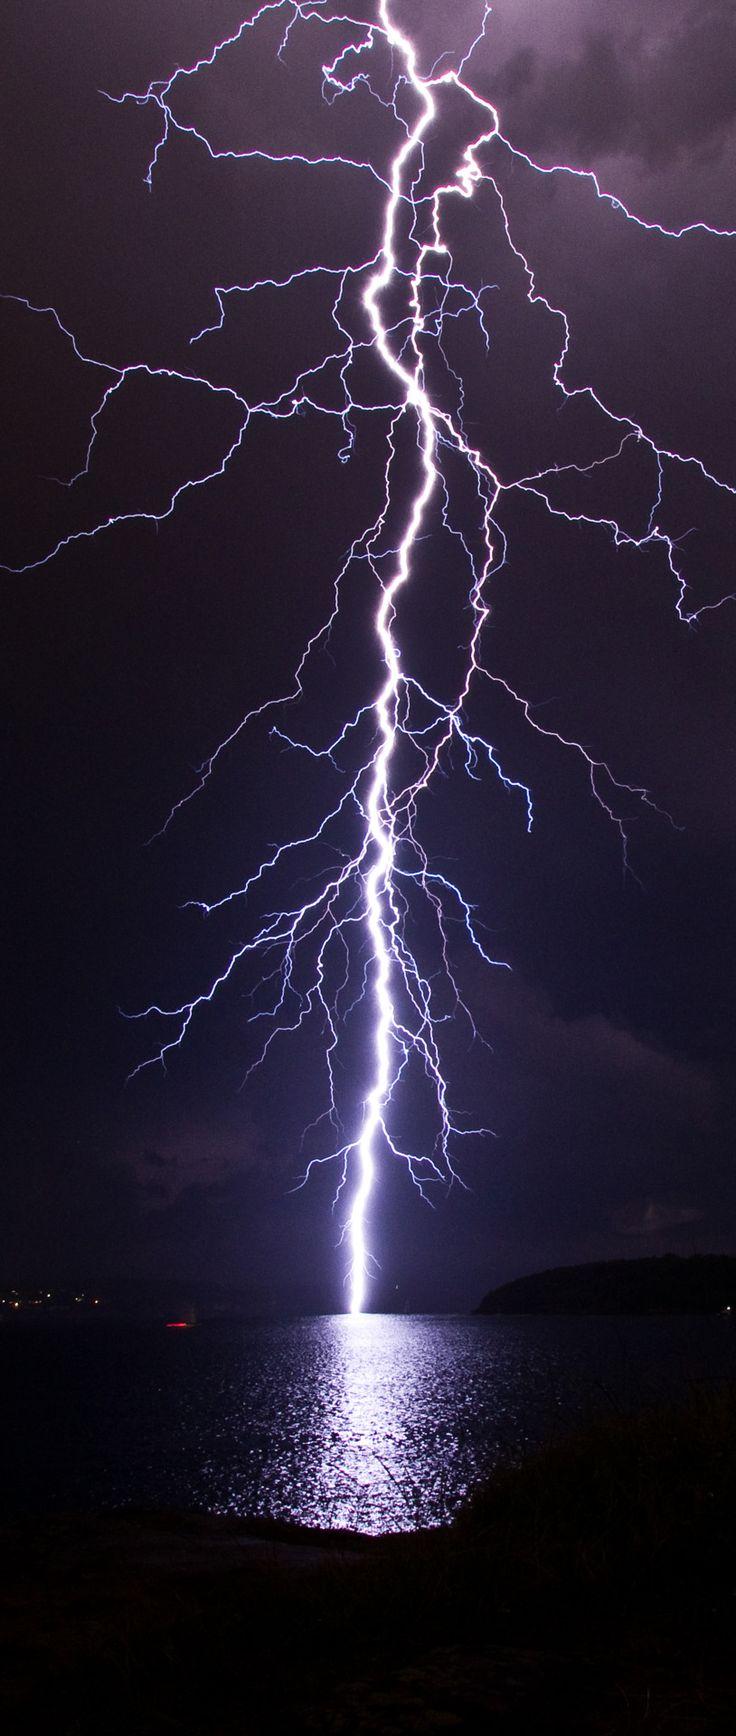 Lightning Strike - Sydney Thunderstorm